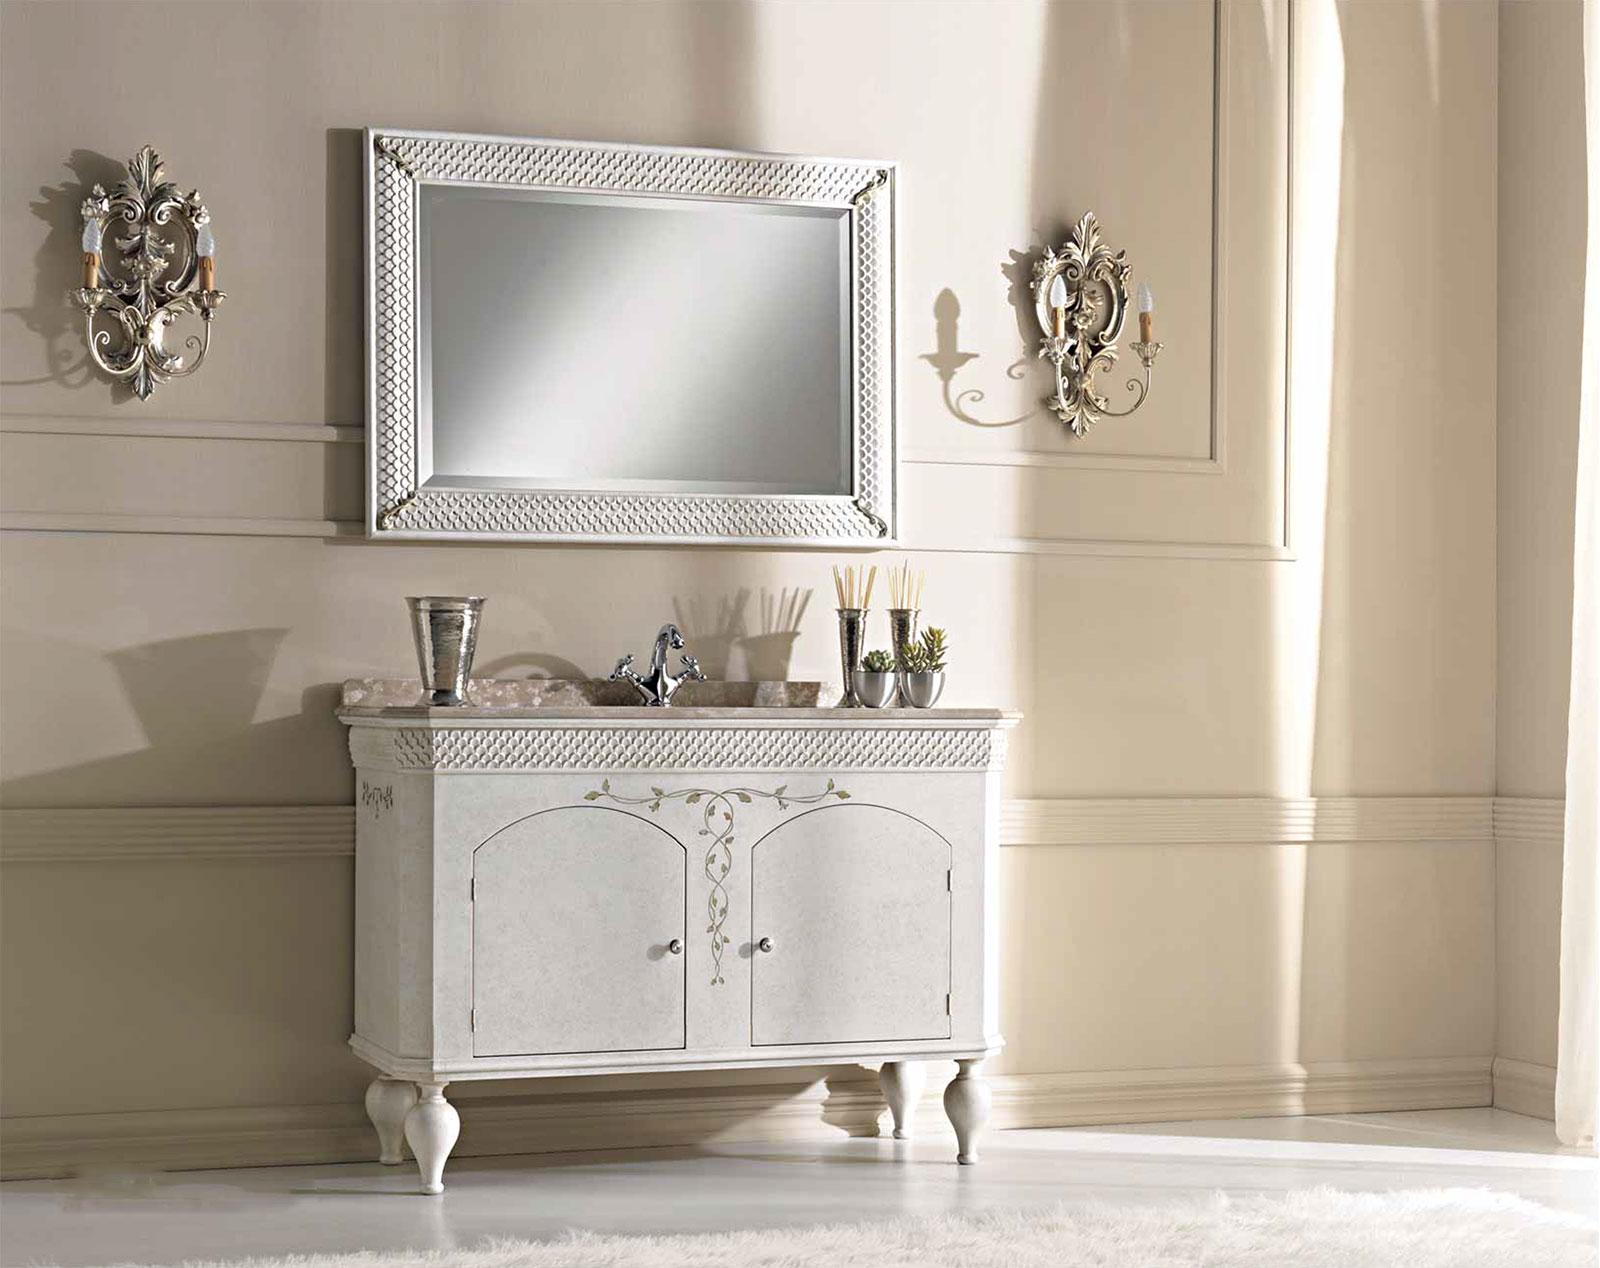 Bagni Classici Foto.Arredo Bagno Classico Elegante Prezzi Ispirazione Per La Casa